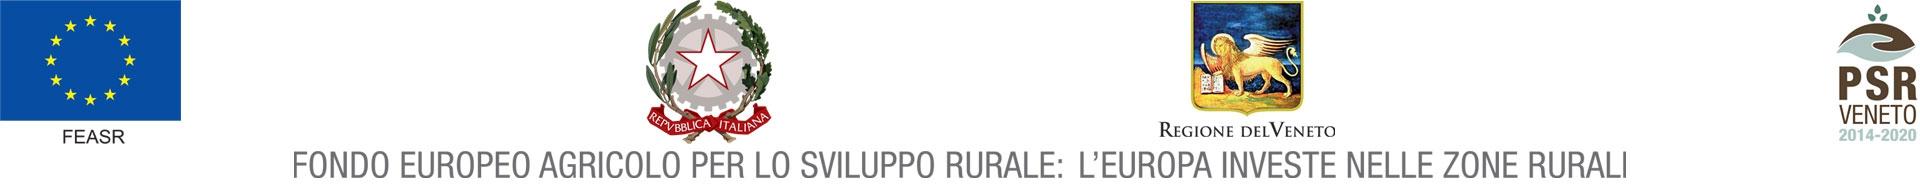 Fondo europeo agricolo per lo sviluppo rurale: l'Europa investe nelle zone rurali